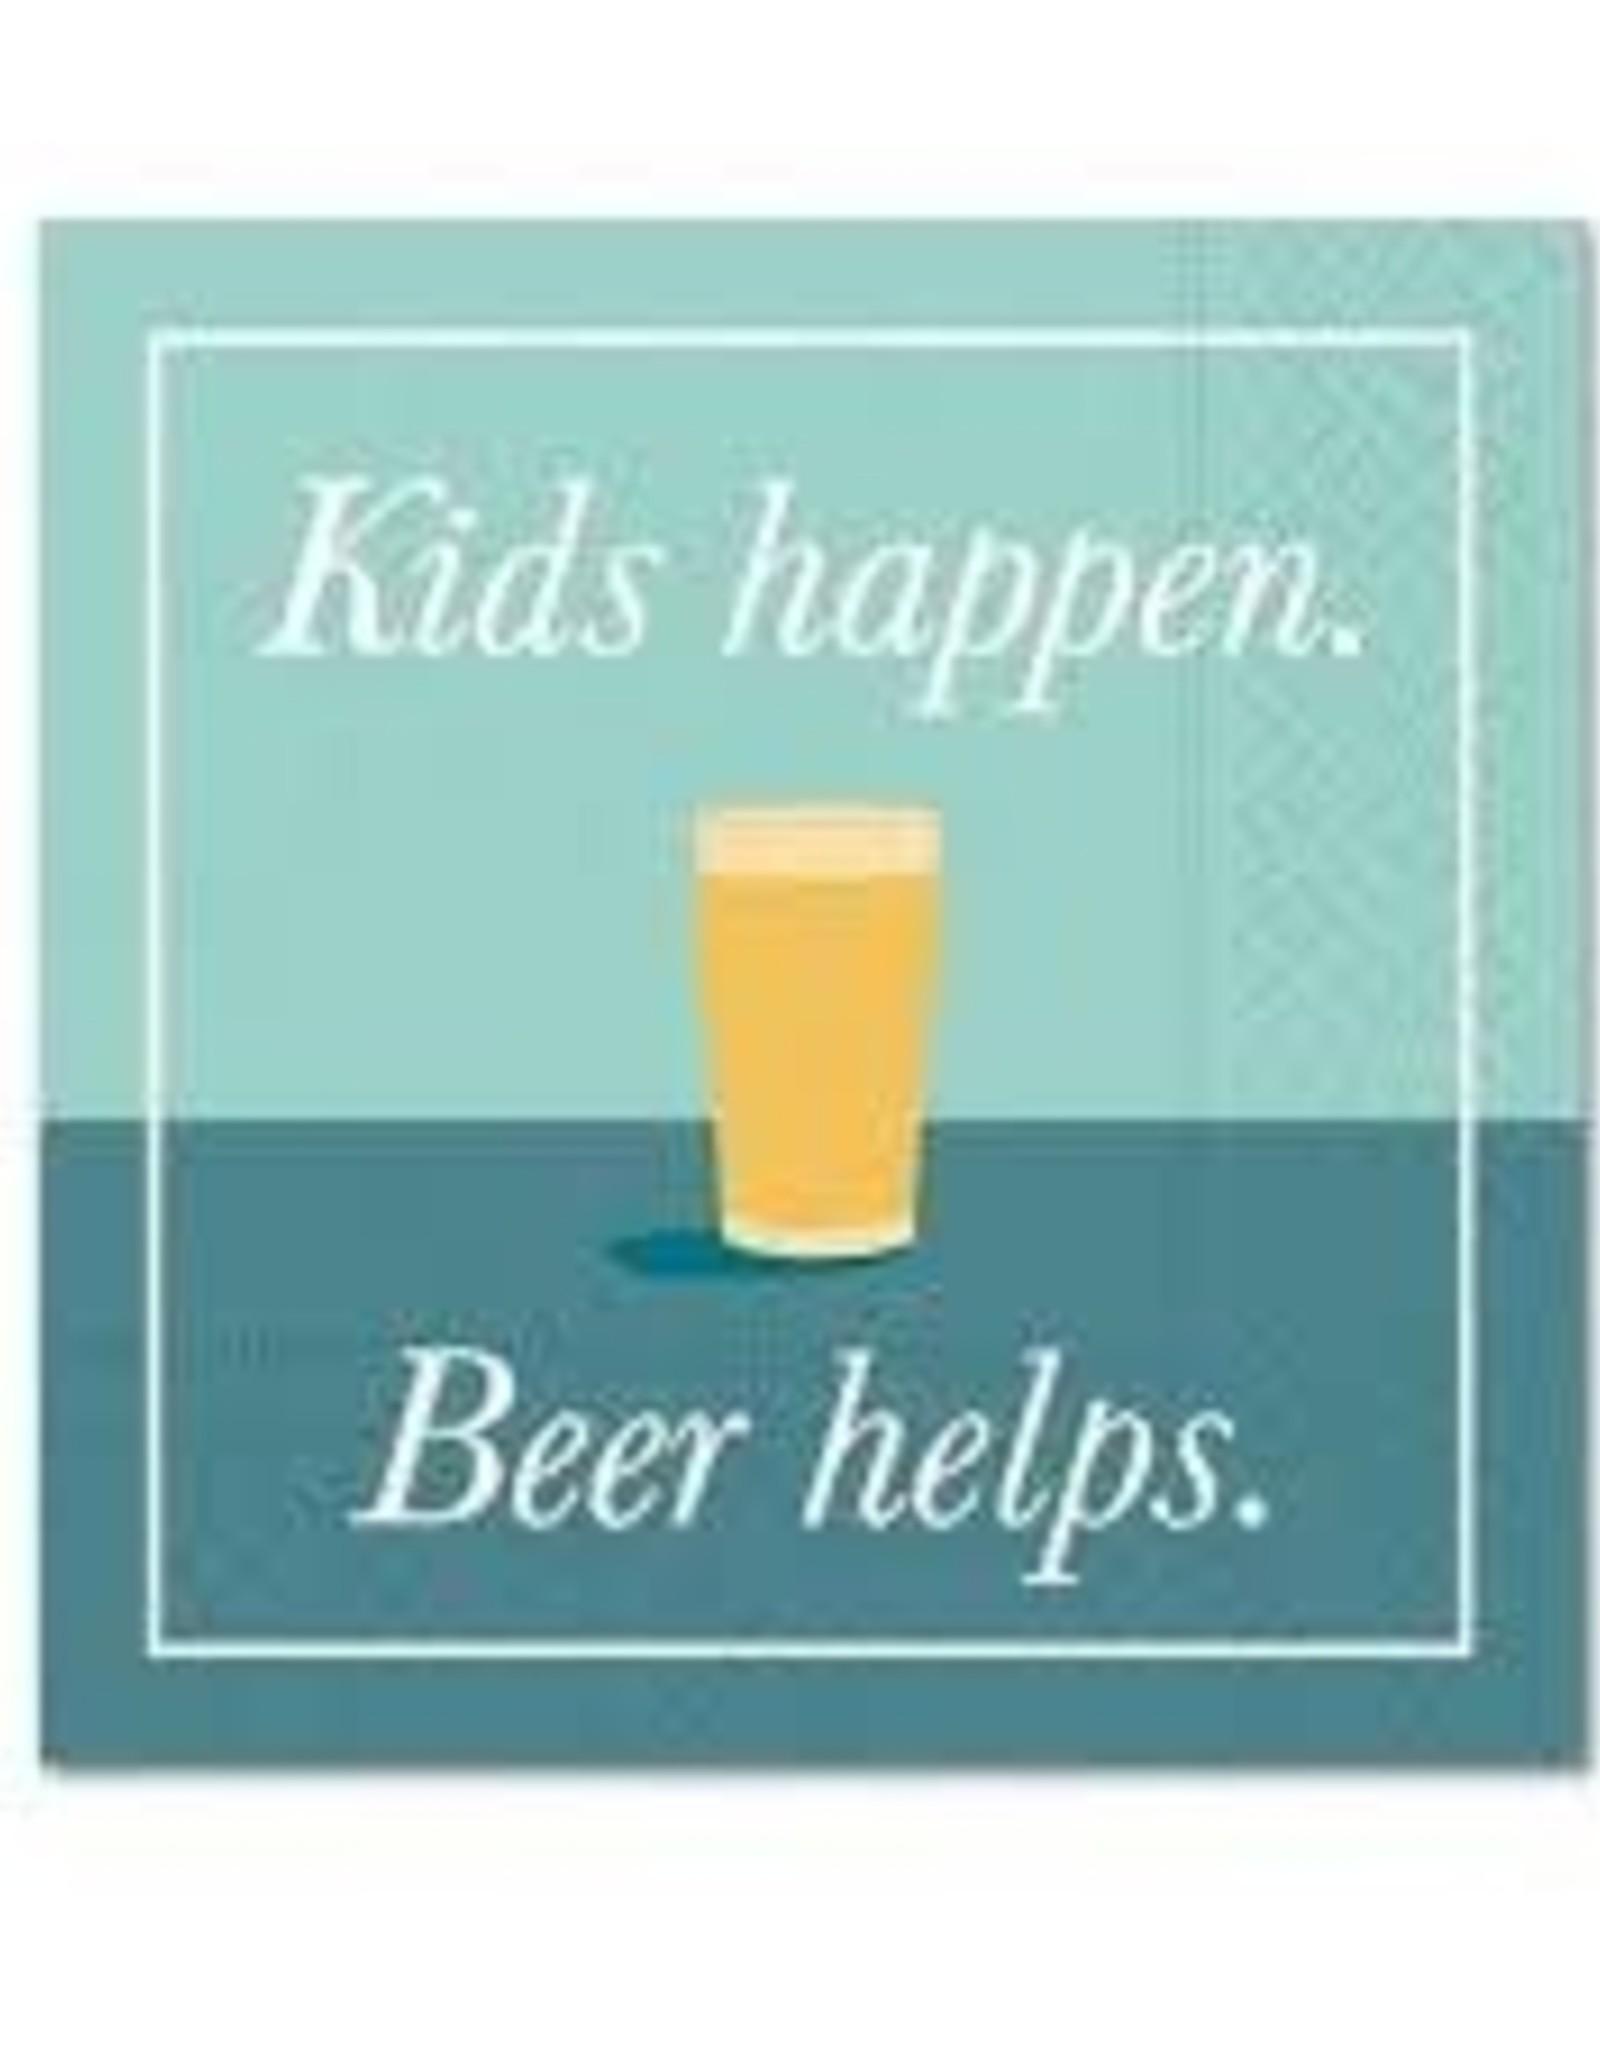 Cocktail Napkin Kids Happen Beer Helps